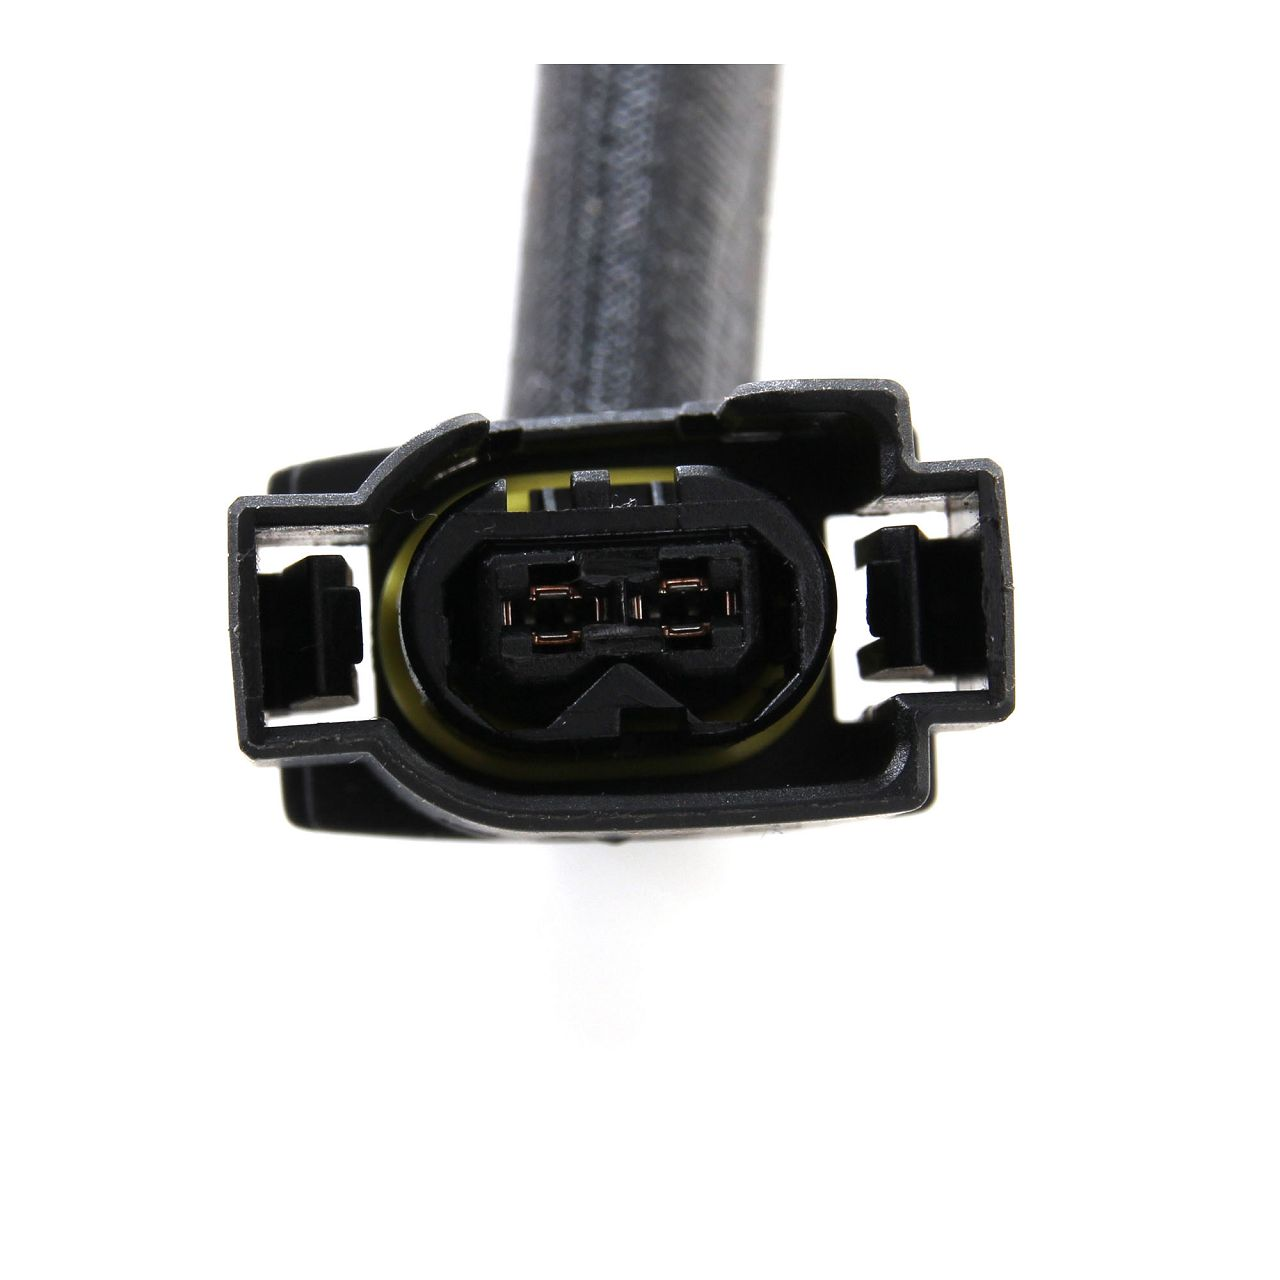 HERTH+BUSS ELPARTS Adapterstecker Nockenwellenversteller für MERCEDES-BENZ OM271